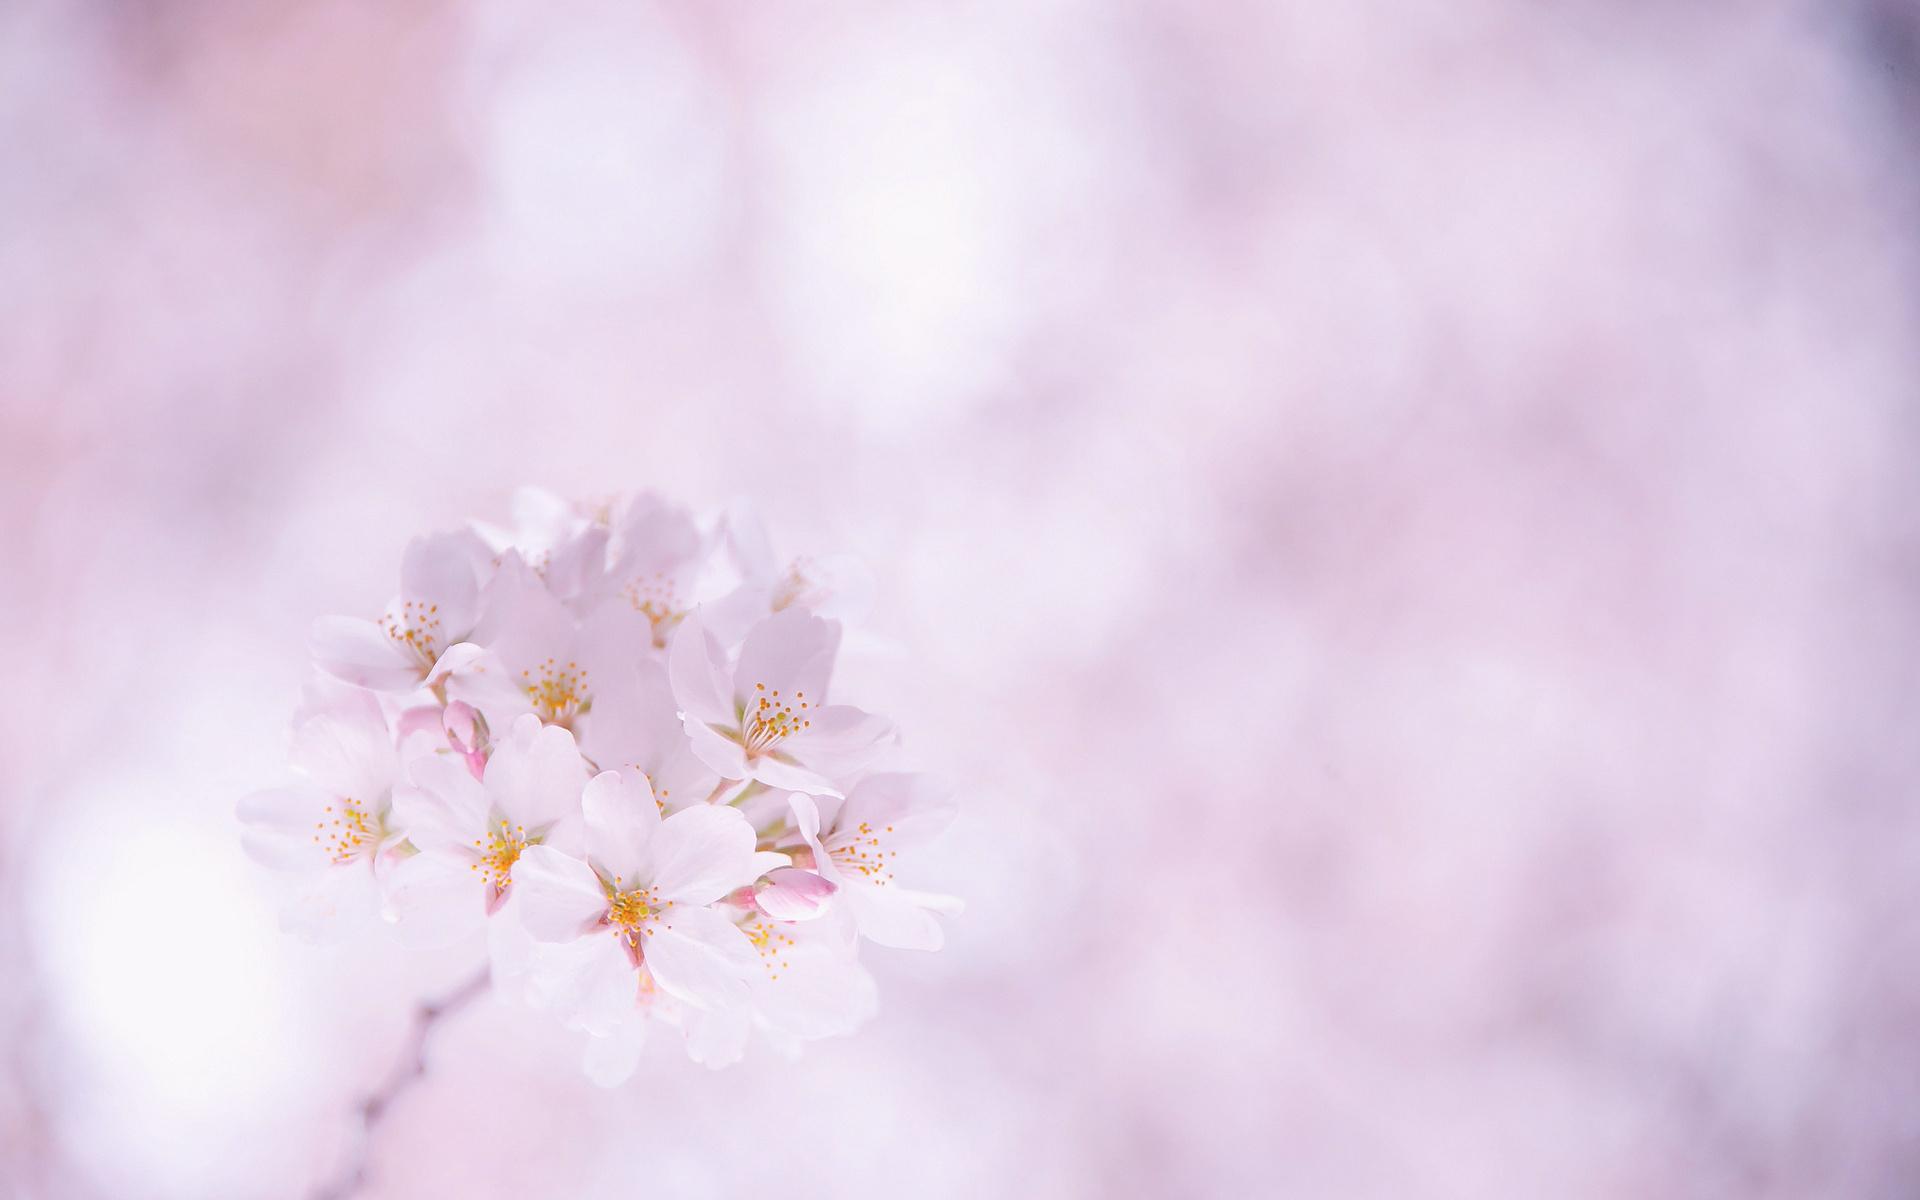 вишни картинки весны со светлым фоном приятно даже классно